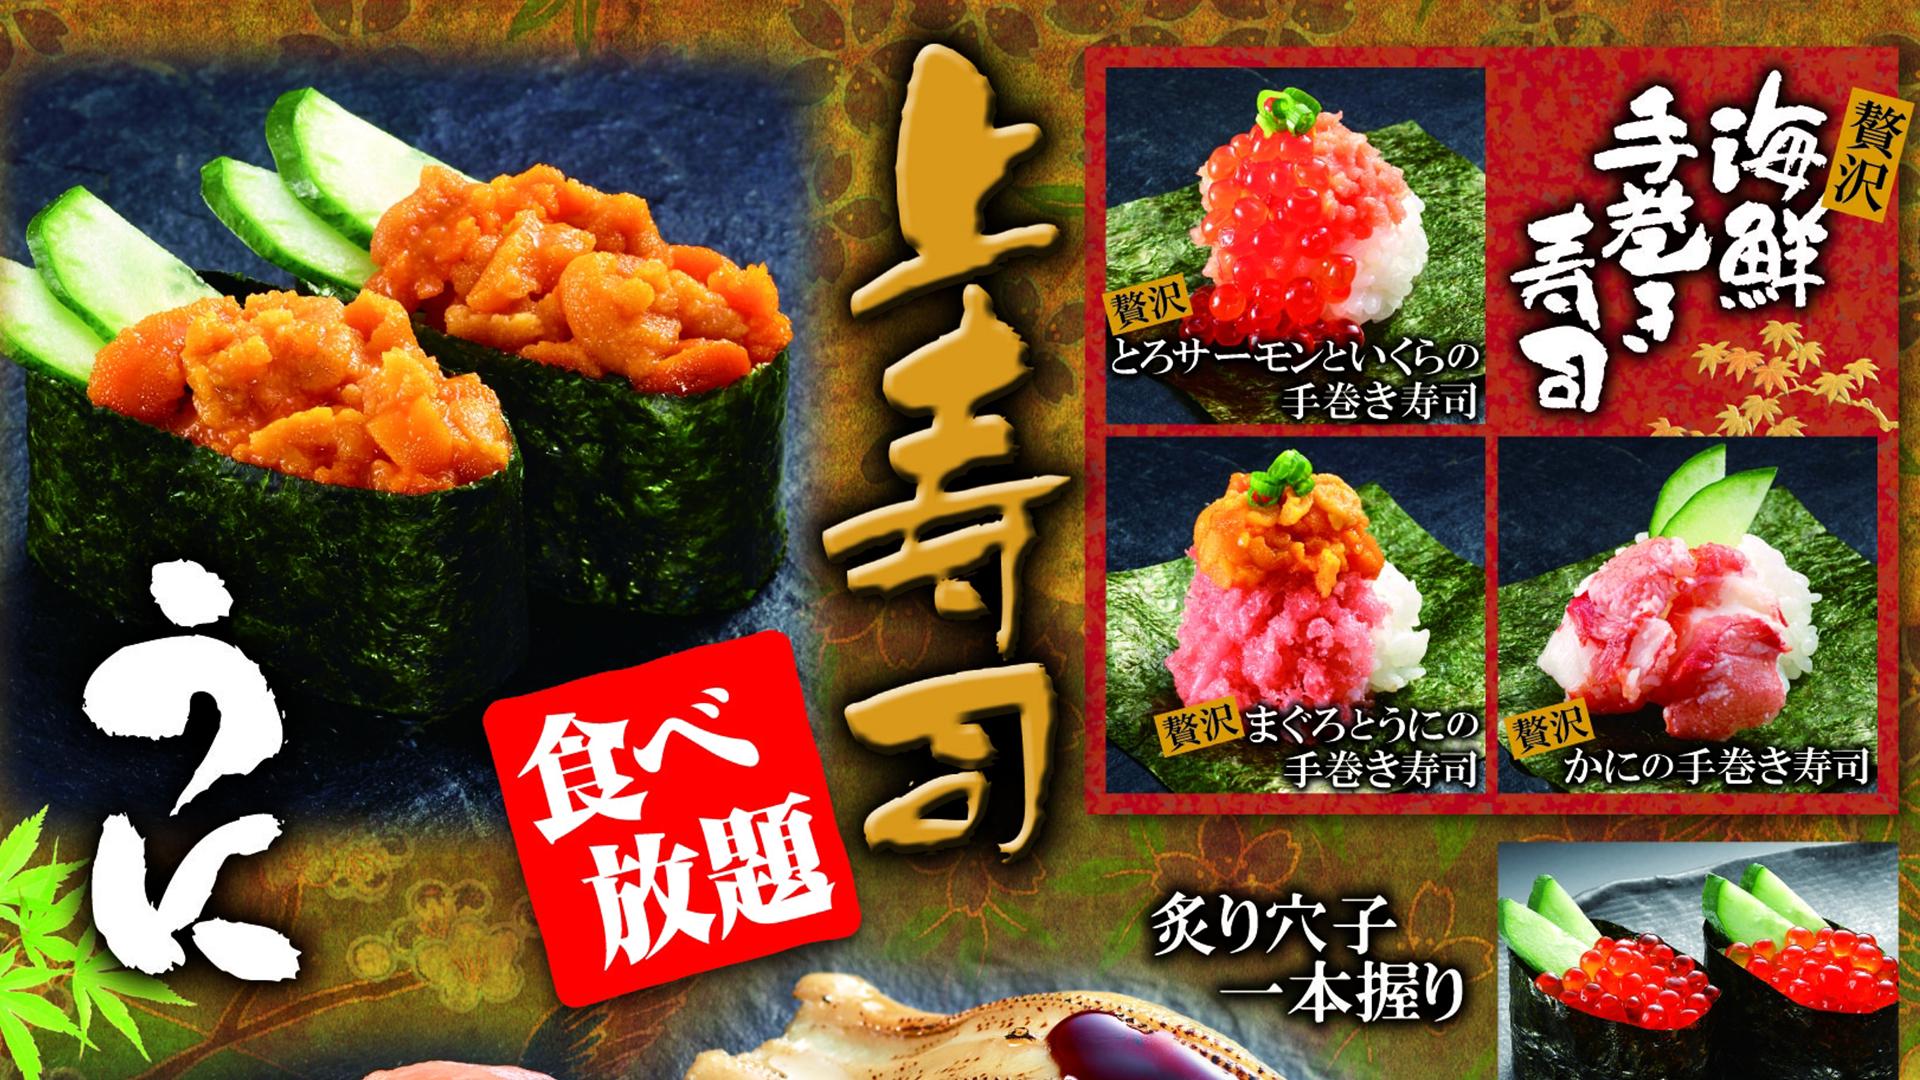 【うに軍艦を含む 7種の上寿司が食べ放題】他、新着トレンド9月11日